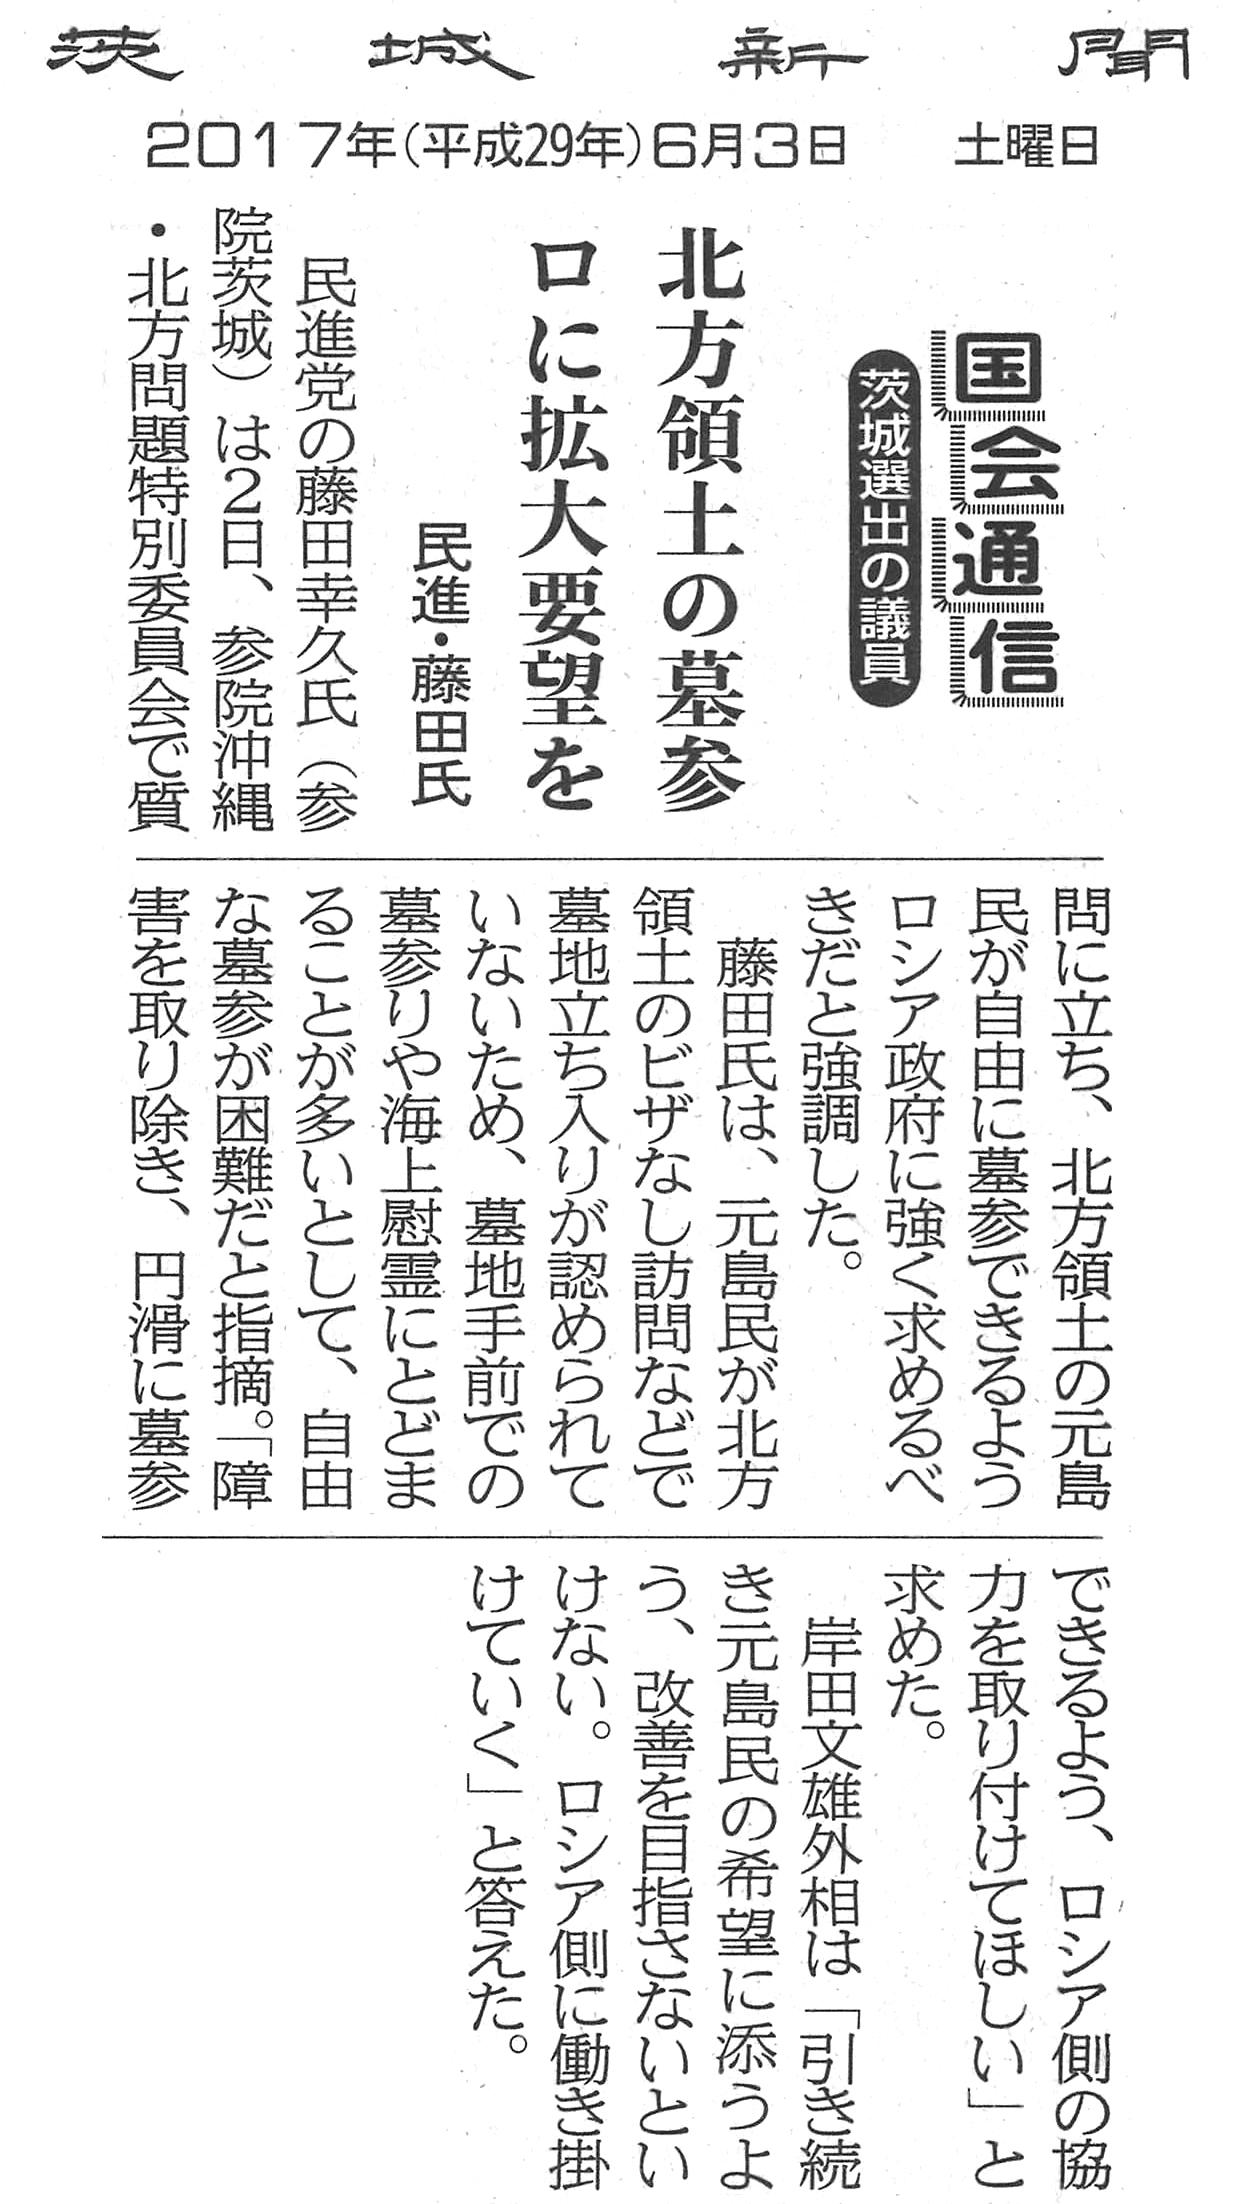 【茨城新聞】国会通信 北方領土の墓参 ロに拡大要望を